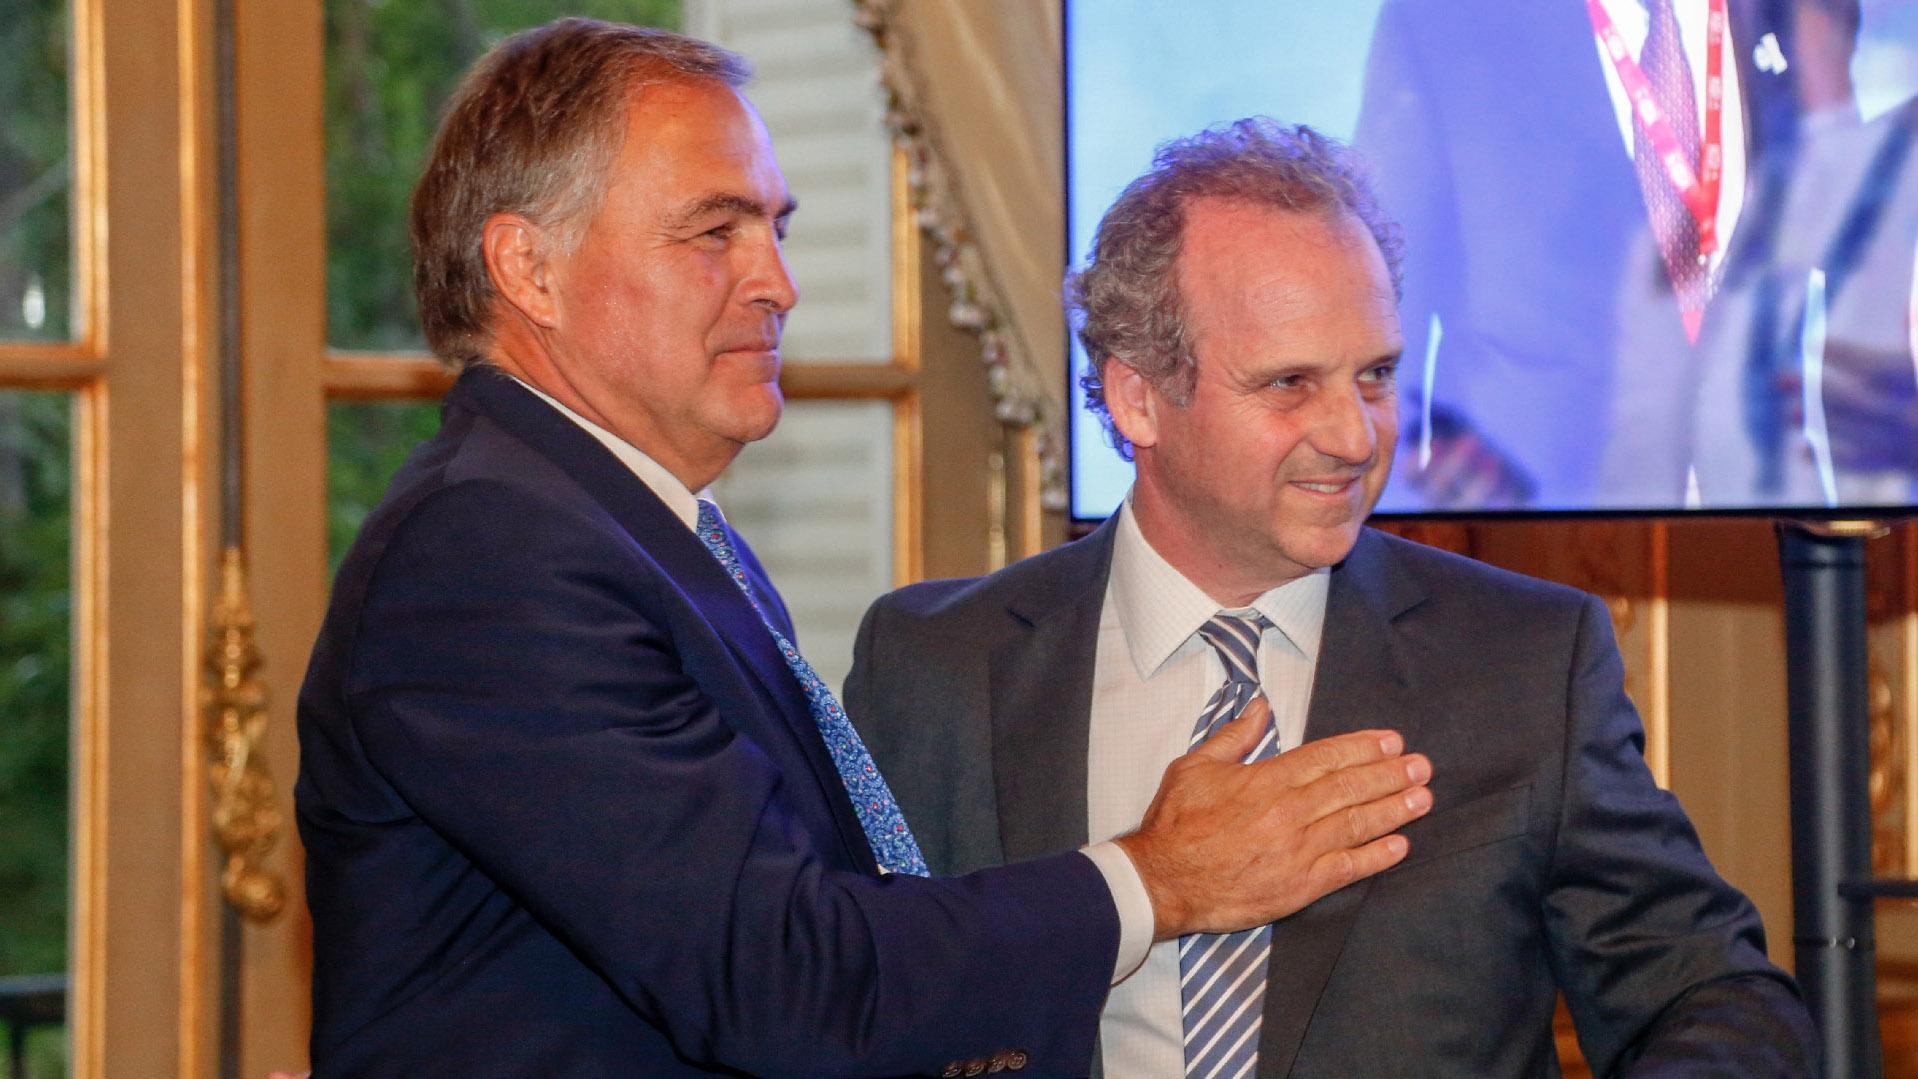 El saludo entre Manuel Aguirre y Roberto Alexander. AmCham es una organización no gubernamental, independiente y sin fines de lucro, que desde hace 100 años trabaja promocionando el comercio bilateral y la inversión entre los Estados Unidos y la Argentina